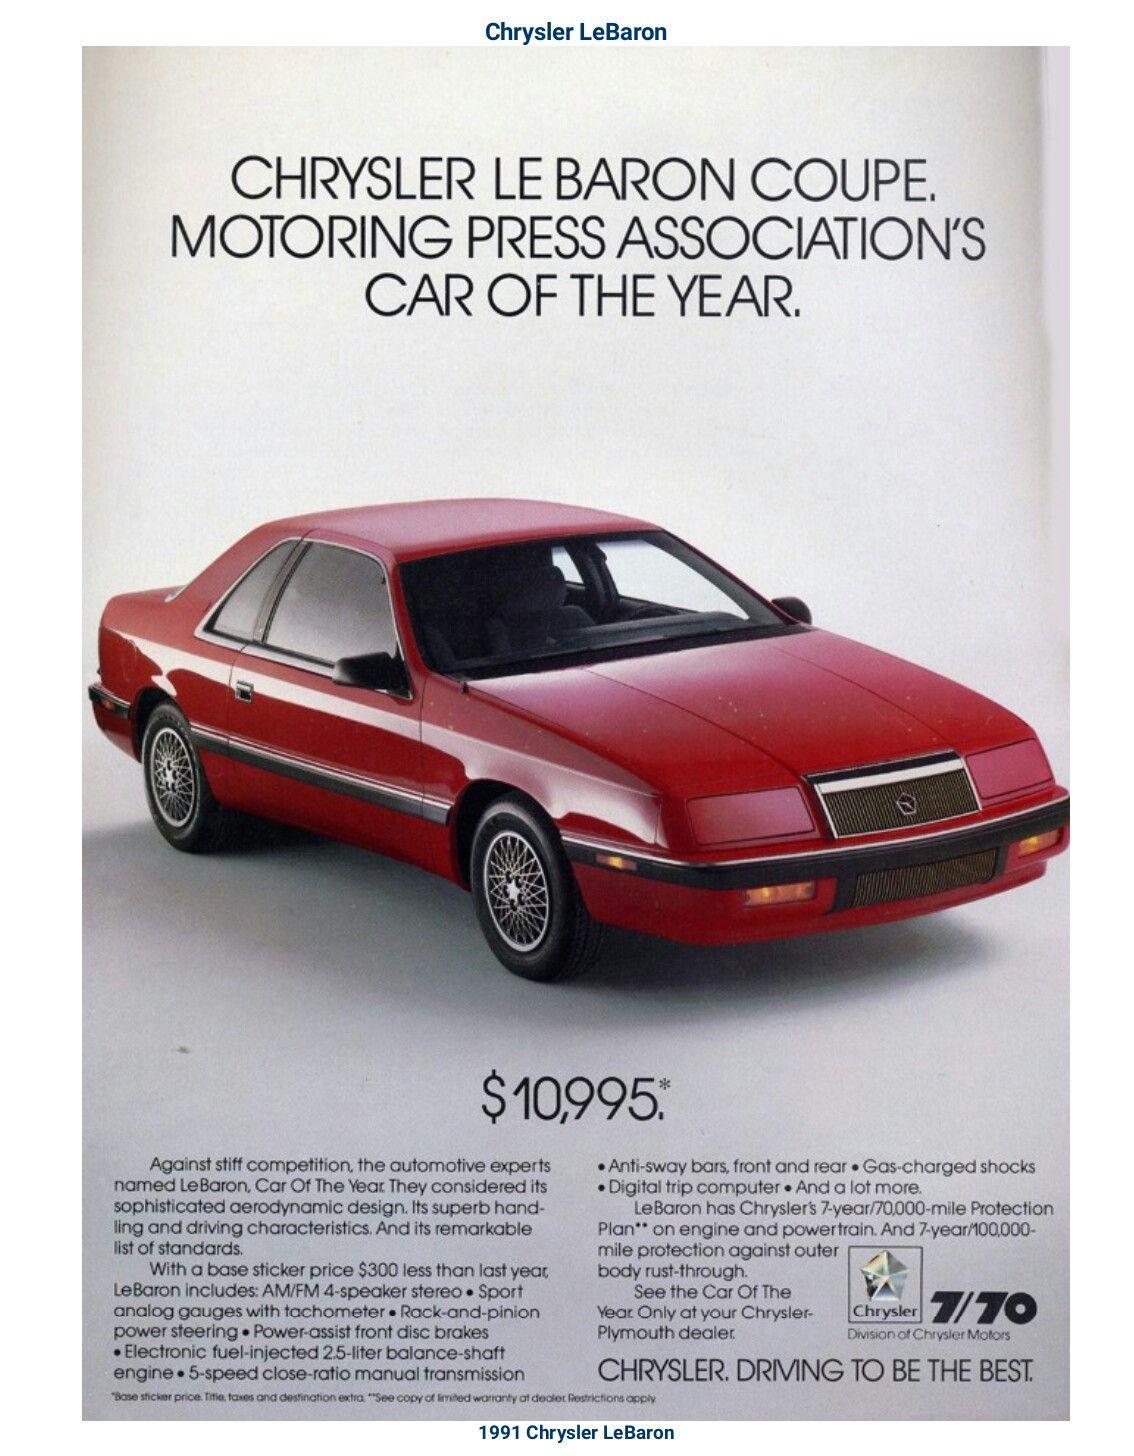 1991 Chrysler LeBaron Coupe